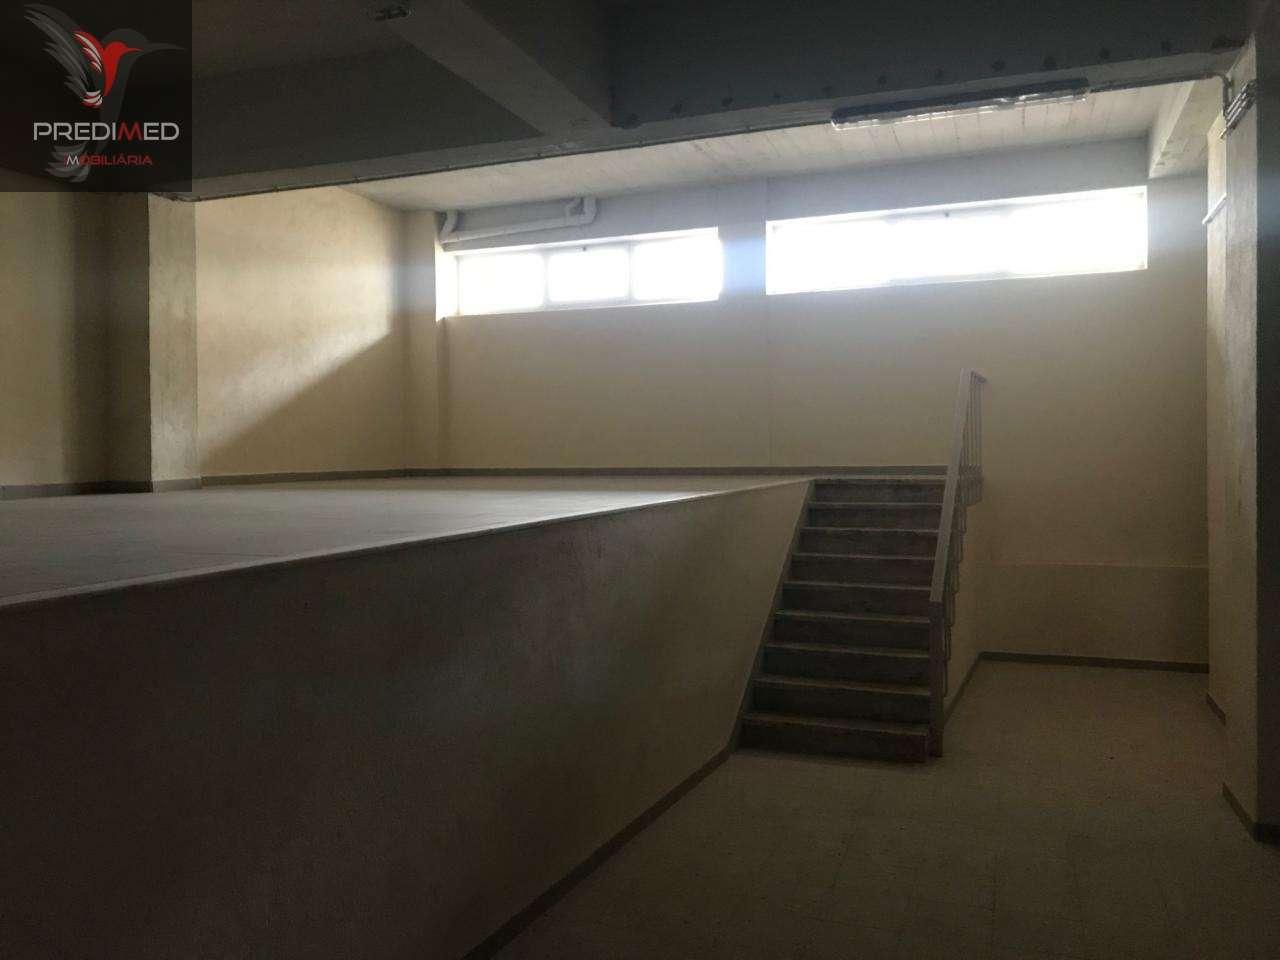 Armazém para arrendar, Rua Alto de São Lourenço - Bairro Alto de São Lourenço, Santa Iria de Azoia, São João da Talha e Bobadela - Foto 7